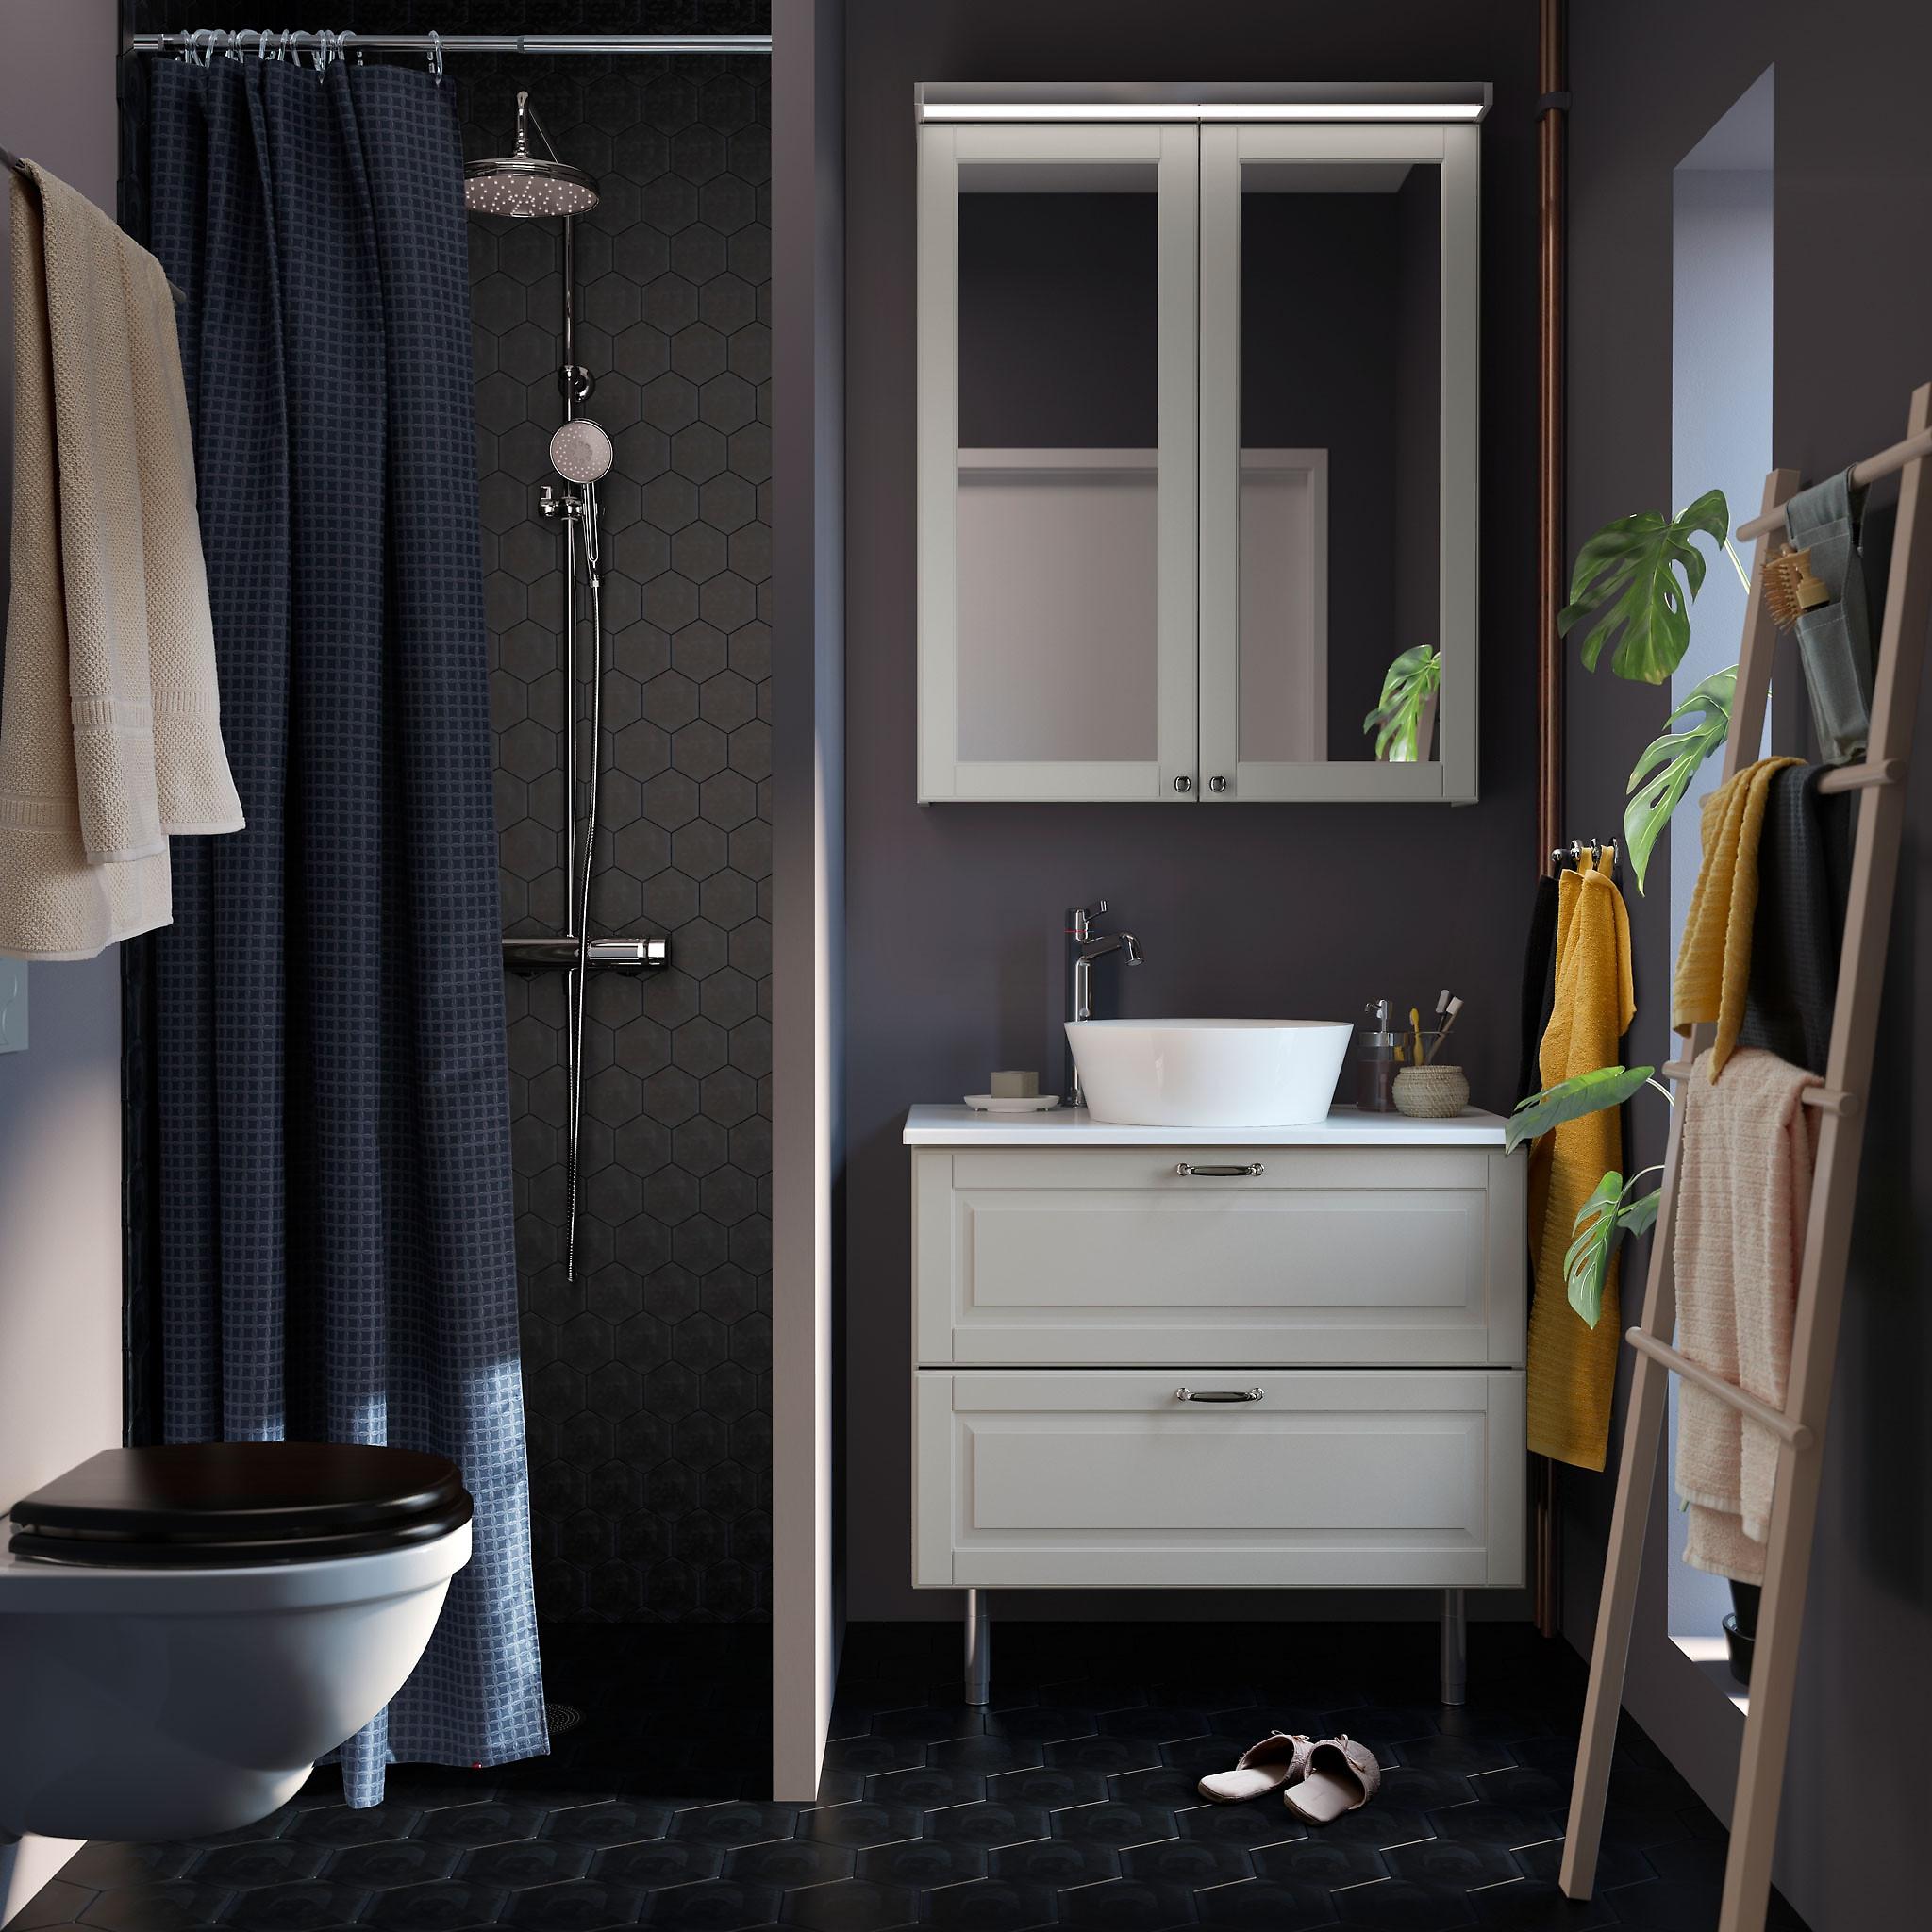 Salle De Bain Low Cost 10 idées pour une salle de bain stylée | madame décore